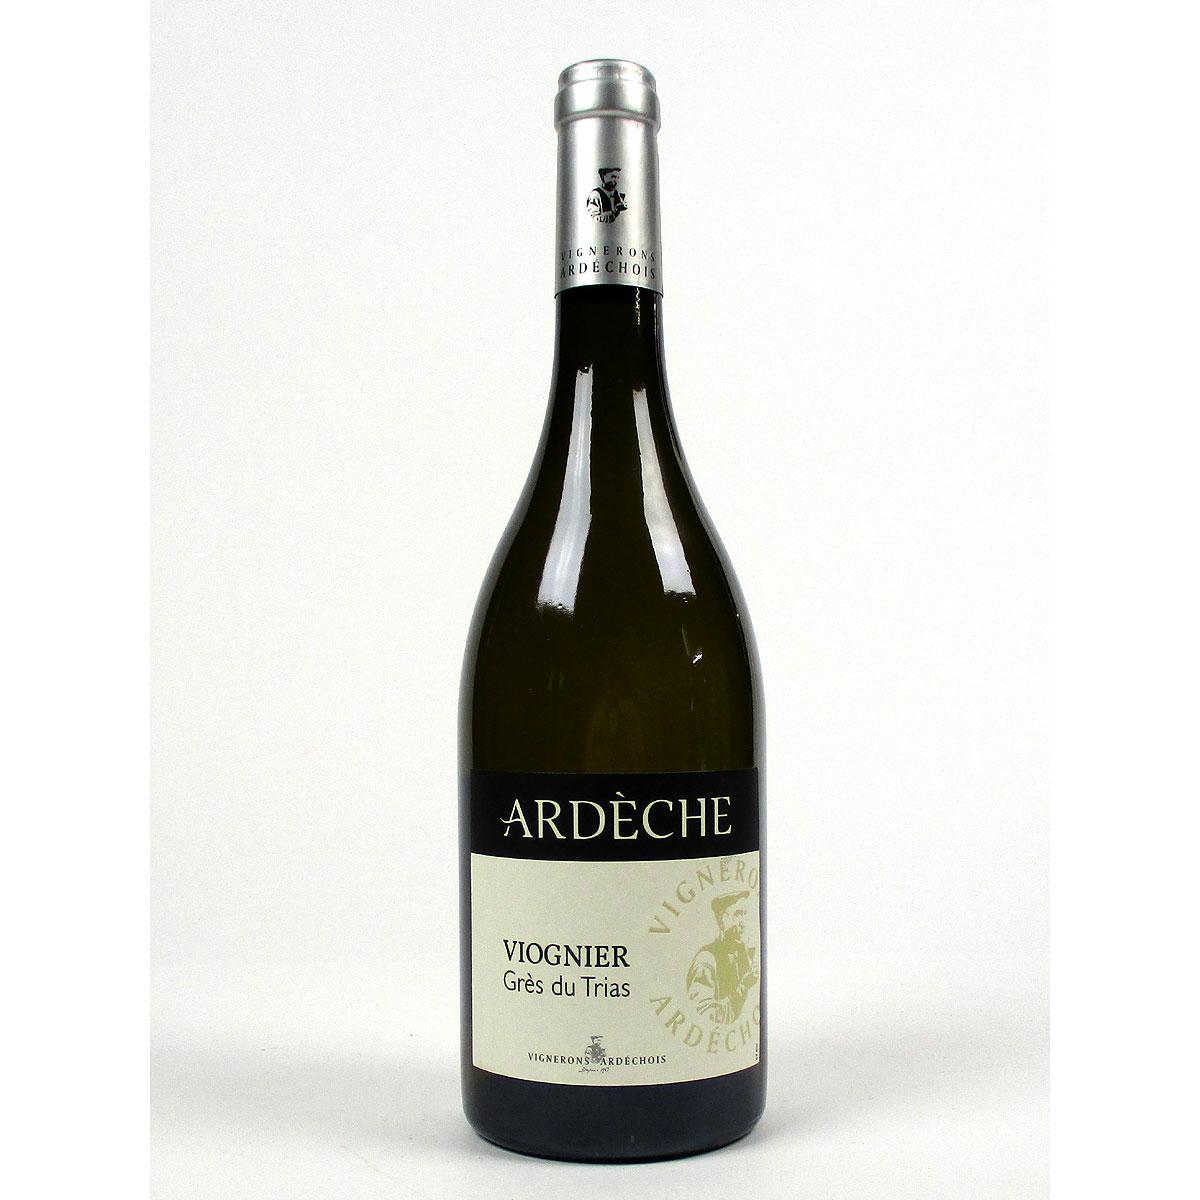 IGP Ardèche: Vignerons Ardéchois Viognier 'Grès du Trias' 2020 - Bottle